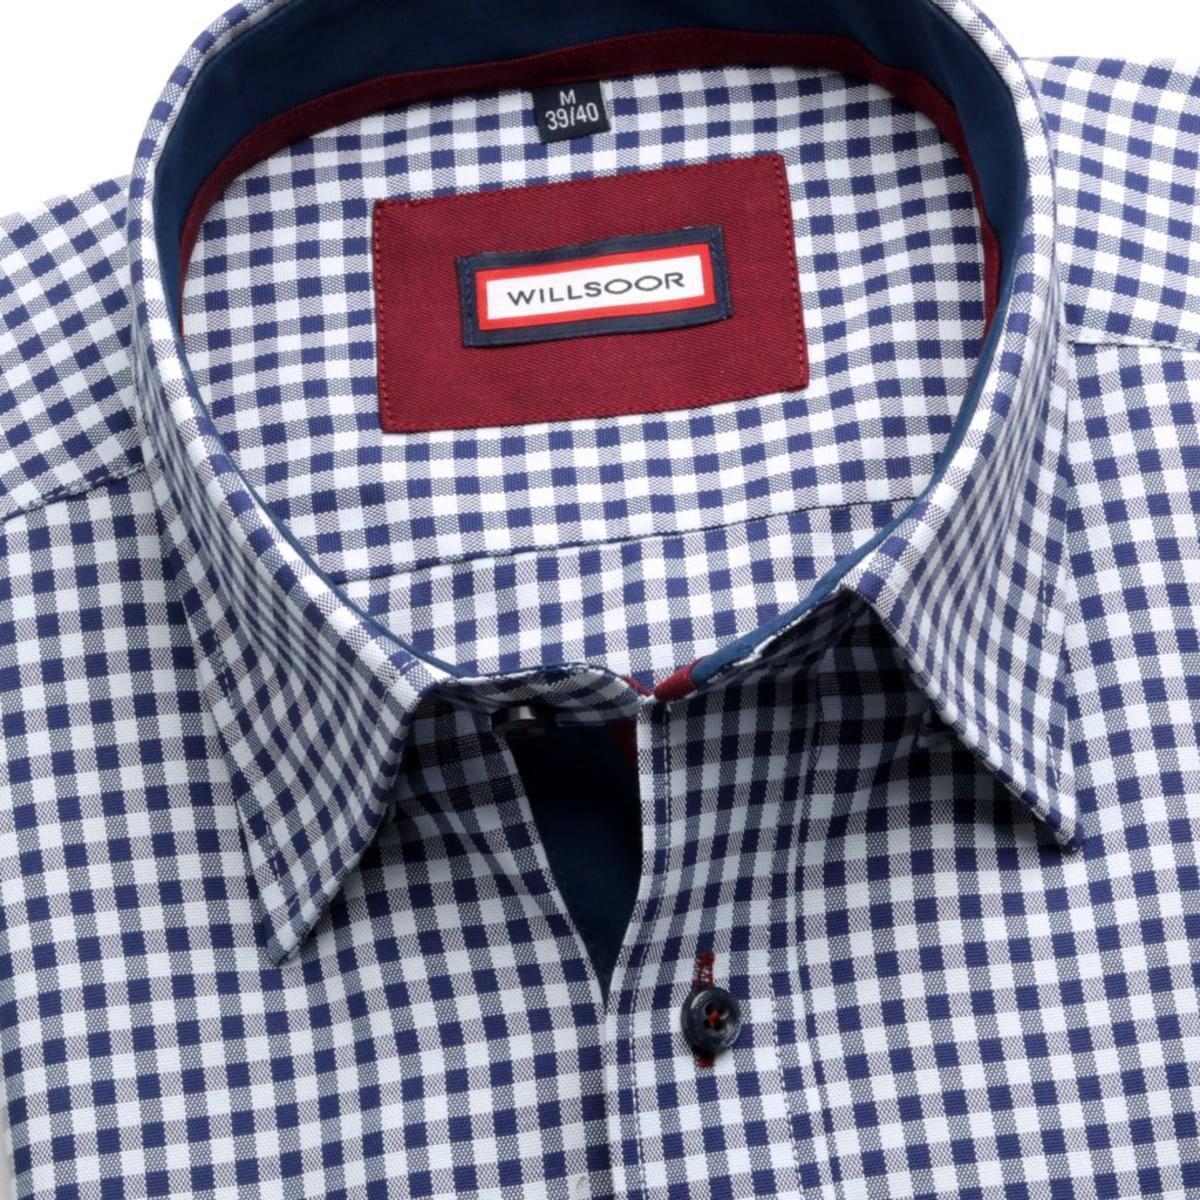 Pánská košile Slim Fit (výška 176-182) 5838 v bílé barvě s kostkou 164-170 / XL (43/44) 176-182 / XL (43/44)